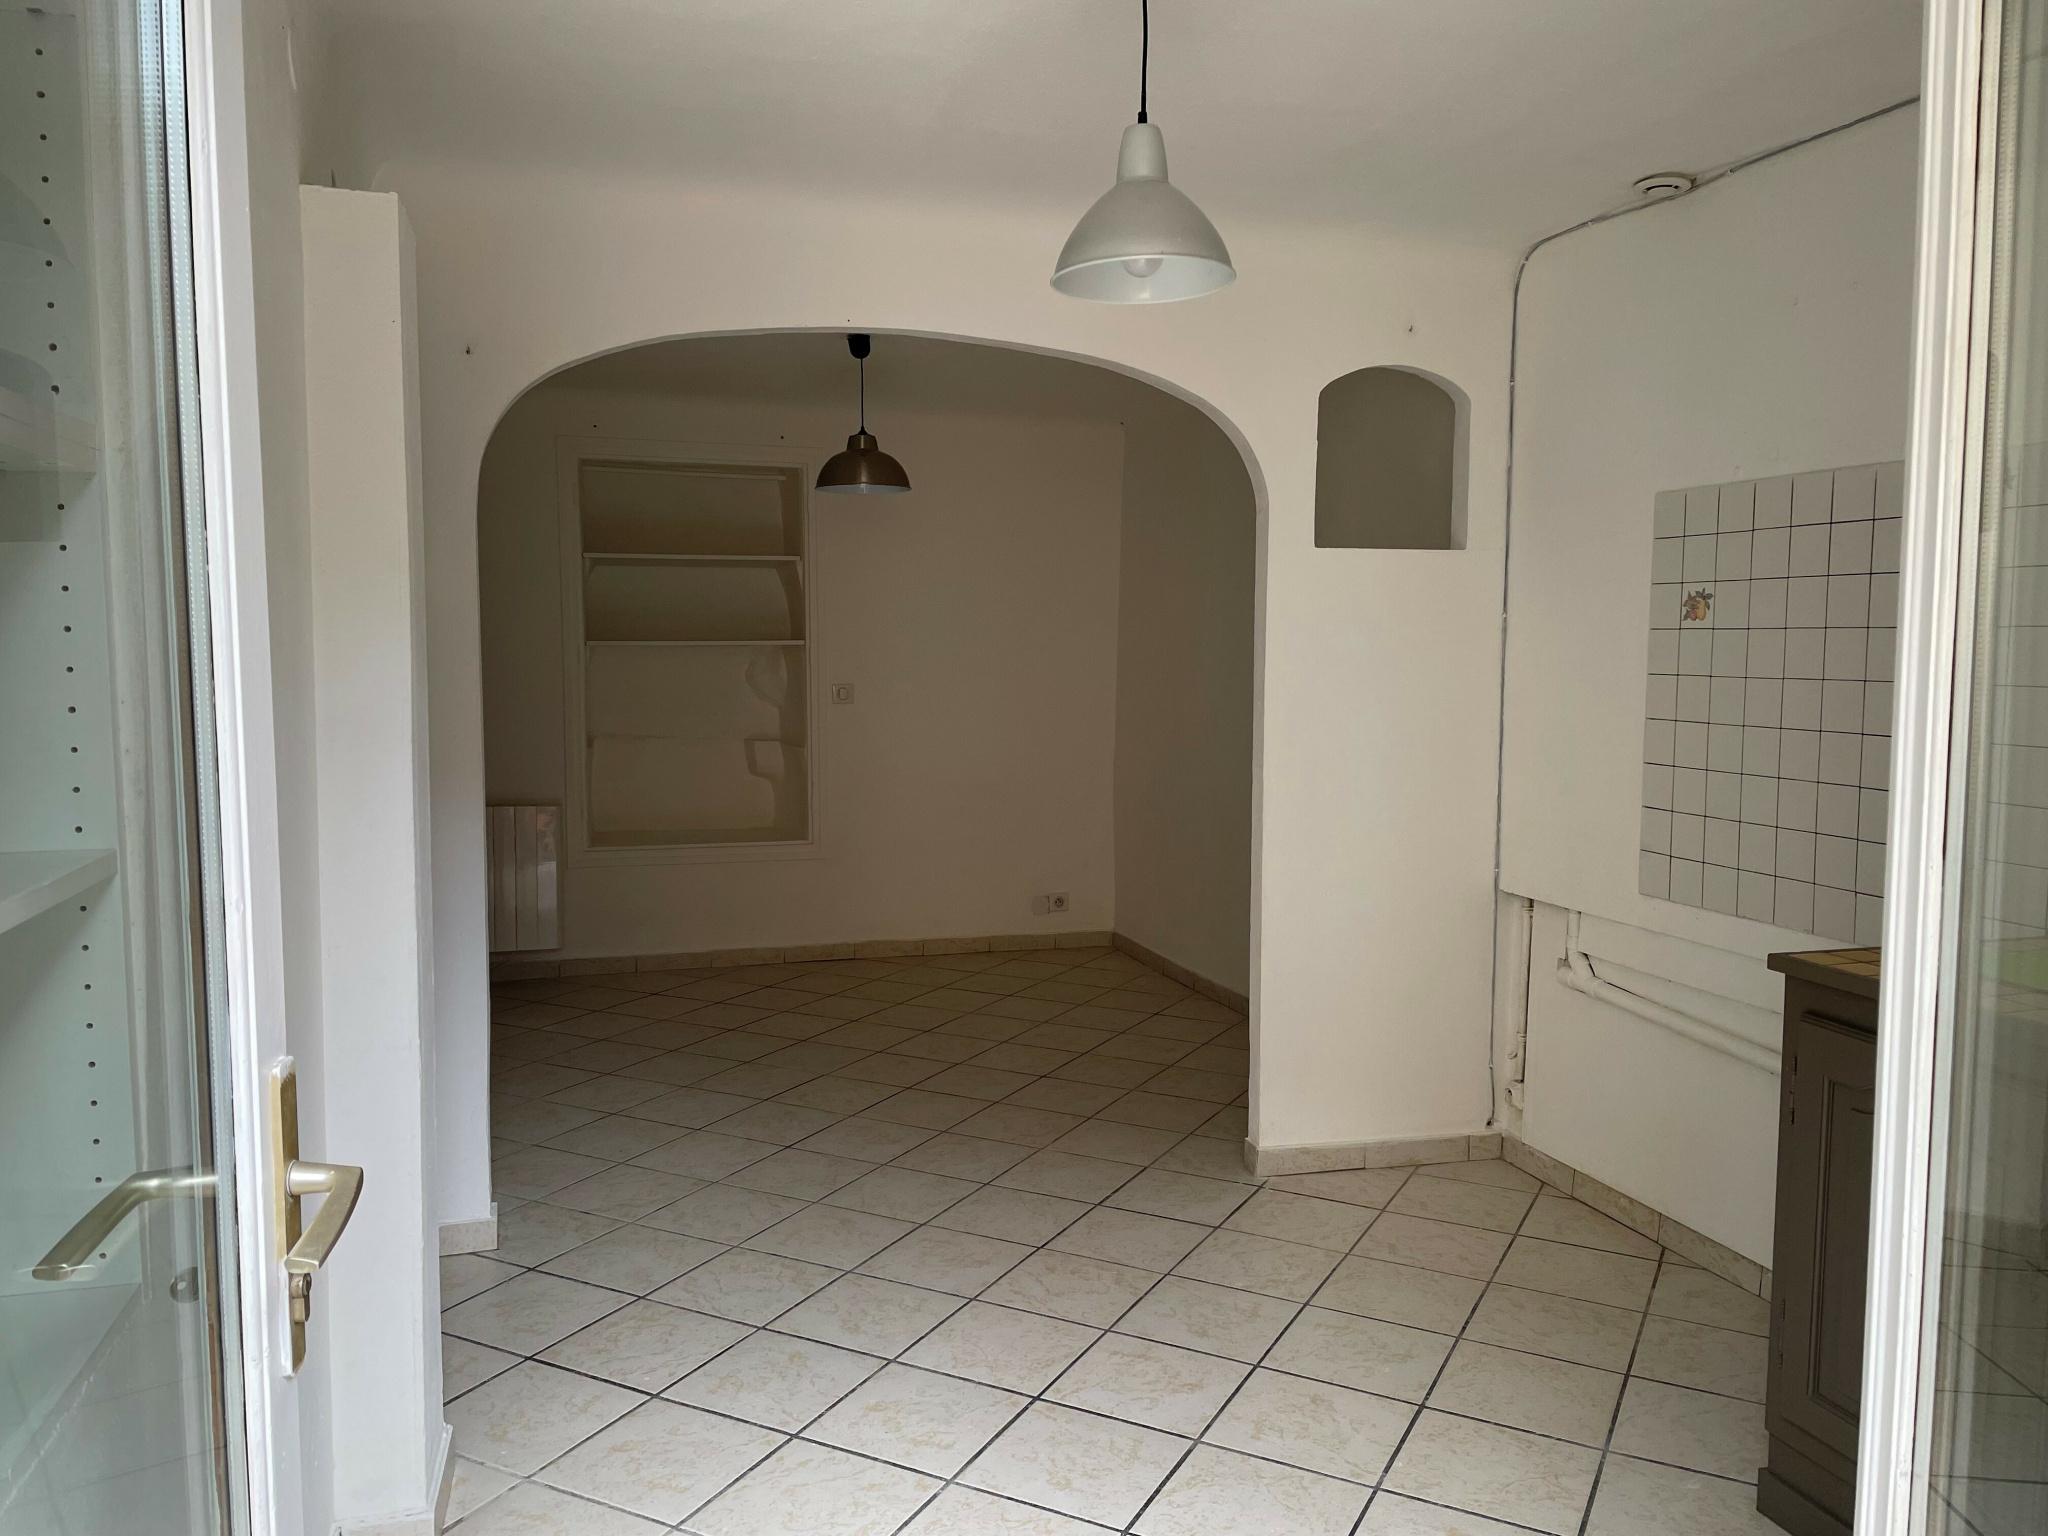 À vendre maison/villa de 41m2 à argeles sur mer (66700) - Photo 8'